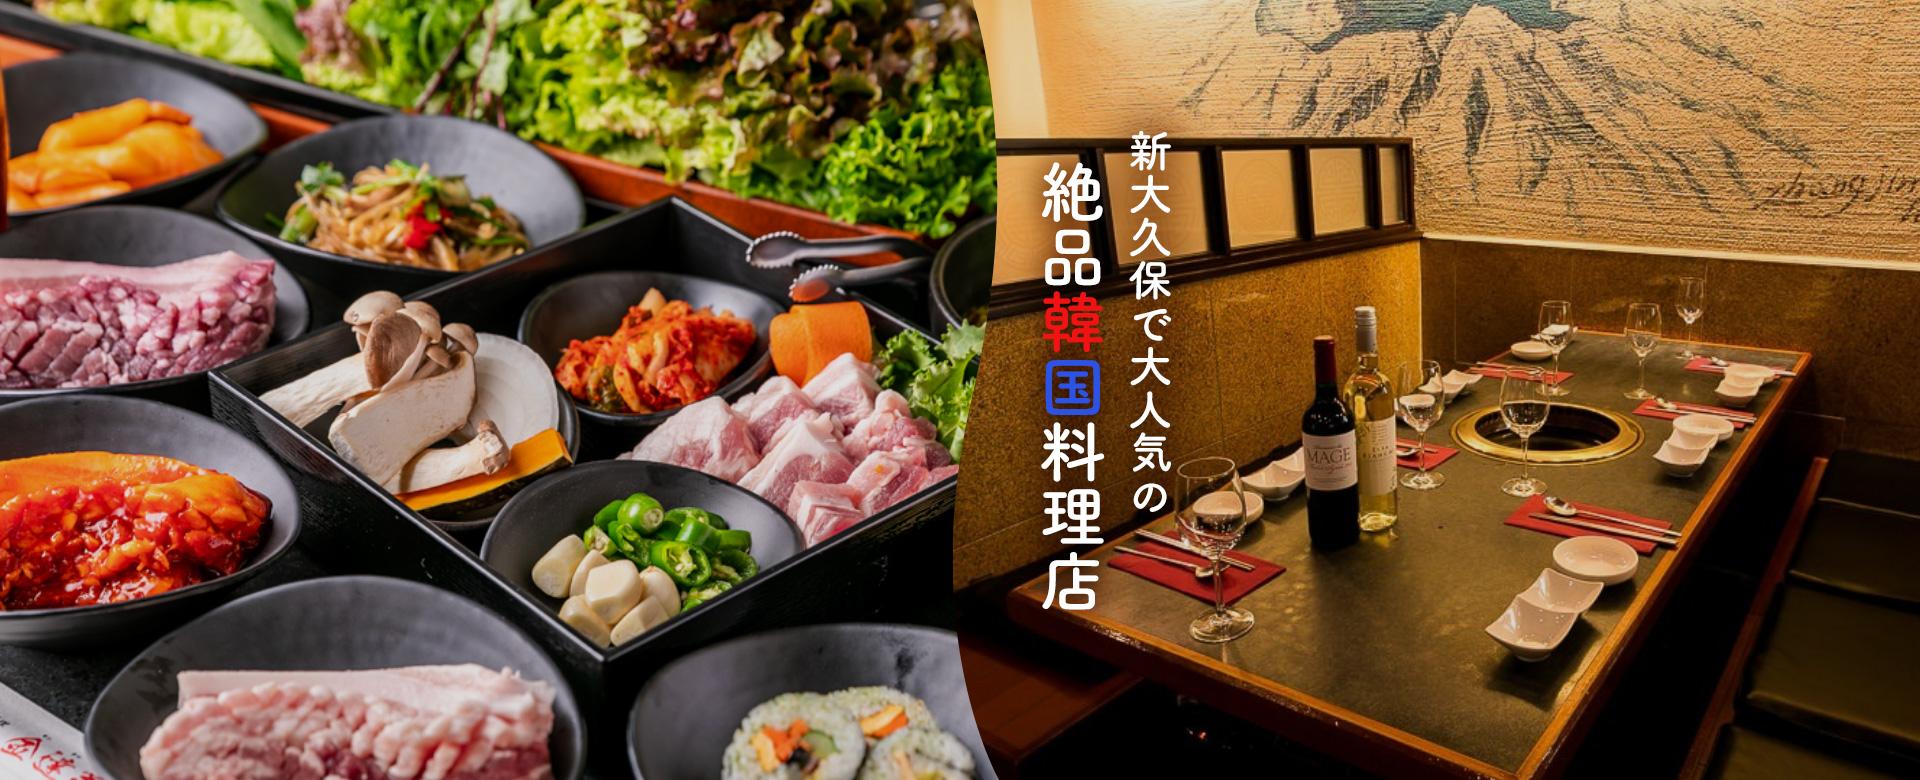 新大久保で大人気の絶品韓国料理店